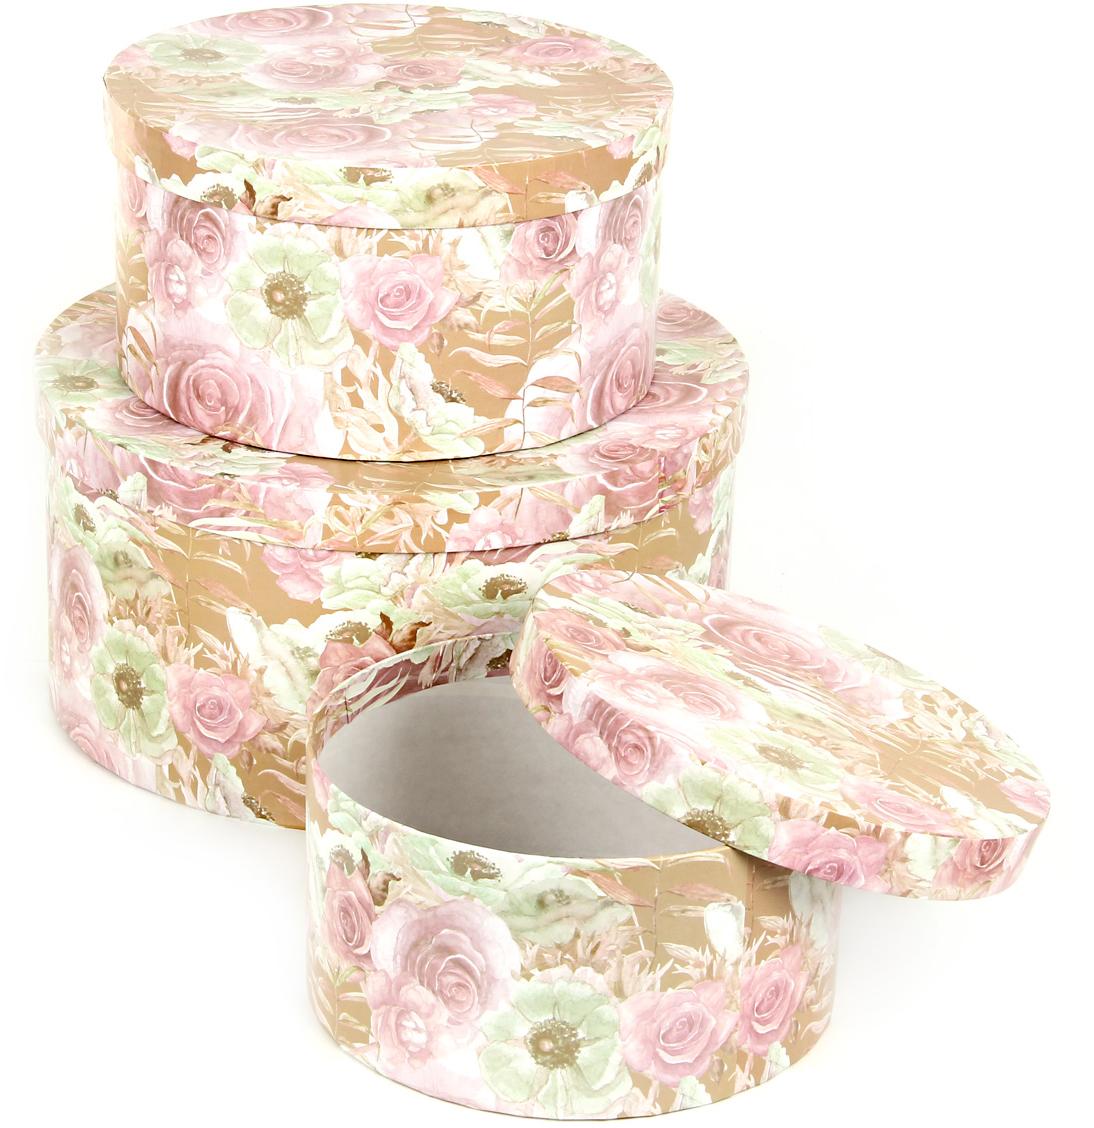 Набор подарочных коробок Veld-Co Эльфийский сад, круглые, 3 шт набор подарочных коробок veld co шоколад с магнитами цвет светло коричневый 3 шт